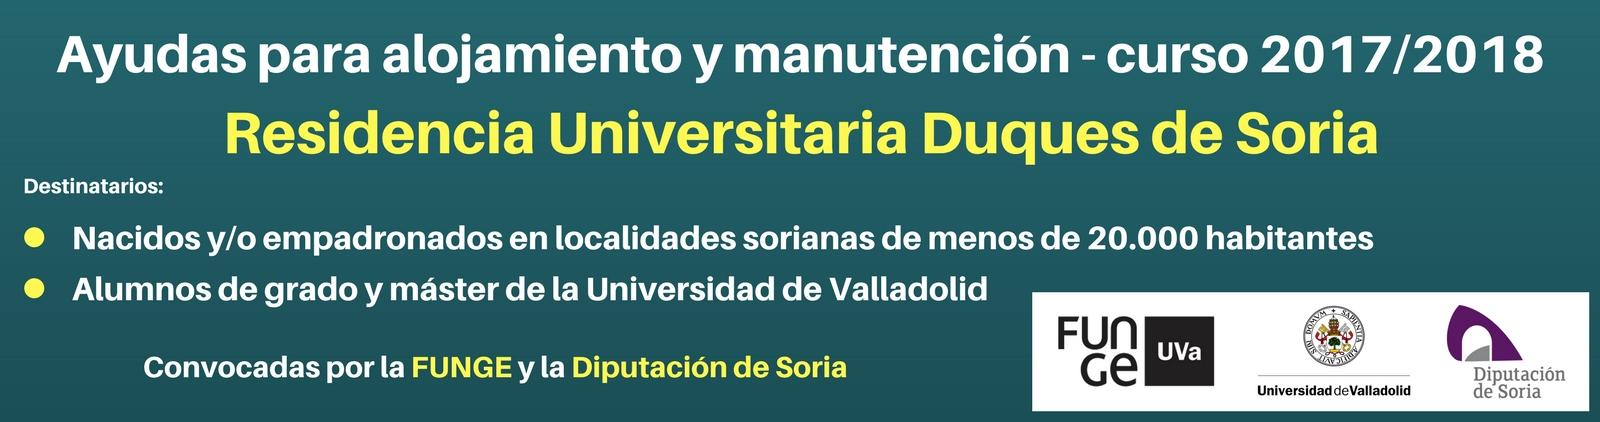 Ayudas para alojamiento y manutención - Residencia Duques de Soria 2017-2018